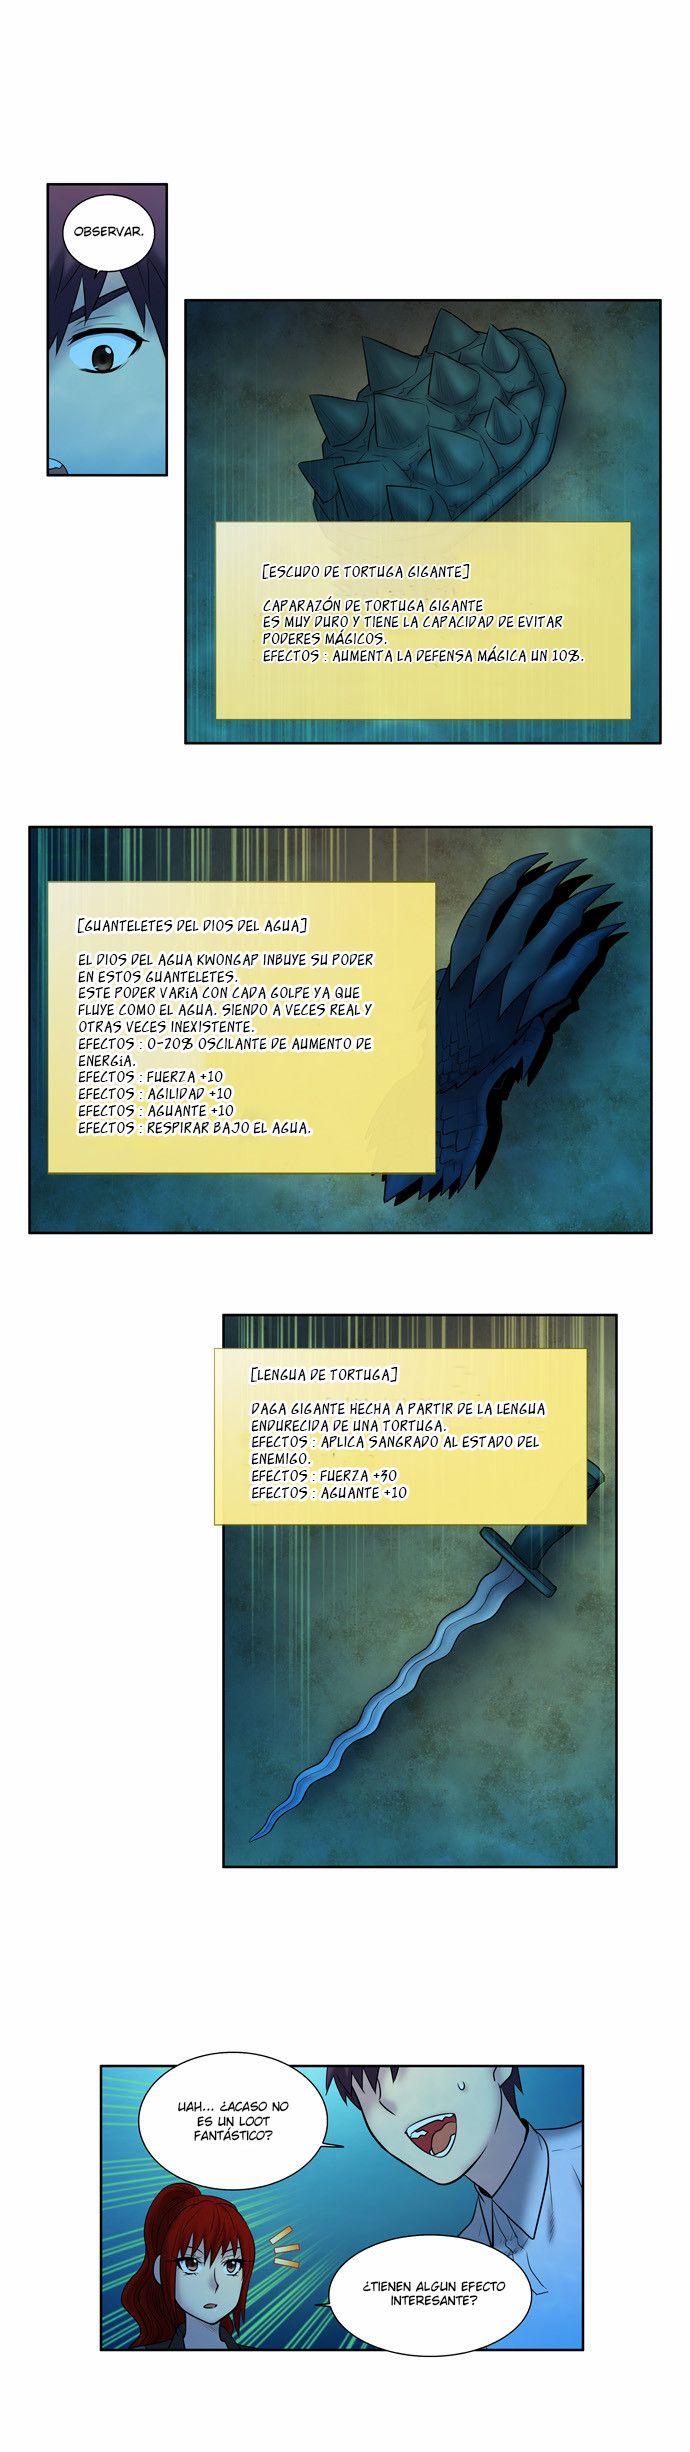 http://c5.ninemanga.com/es_manga/pic2/61/1725/502851/e10bc88f2a85dbcfd808b001f0bb8d69.jpg Page 9